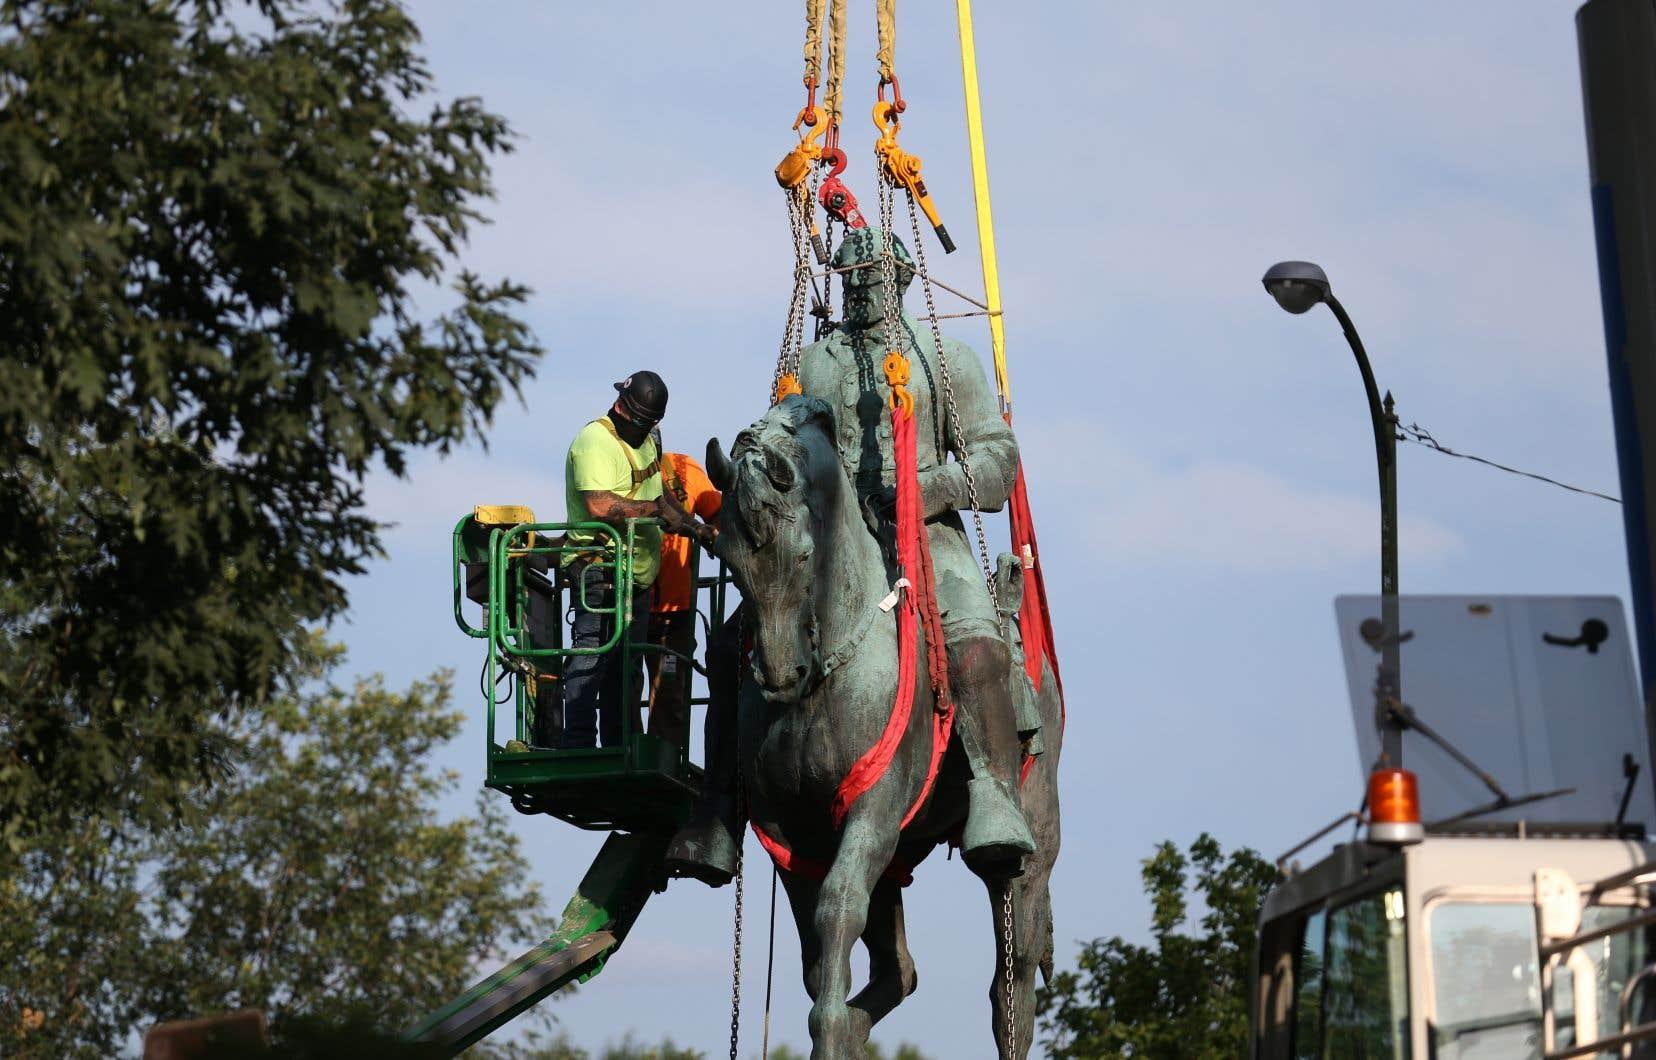 Ses statues avaient contribué à déclencher un violent rassemblement de suprémacistes blancs il y a près de quatre ans.